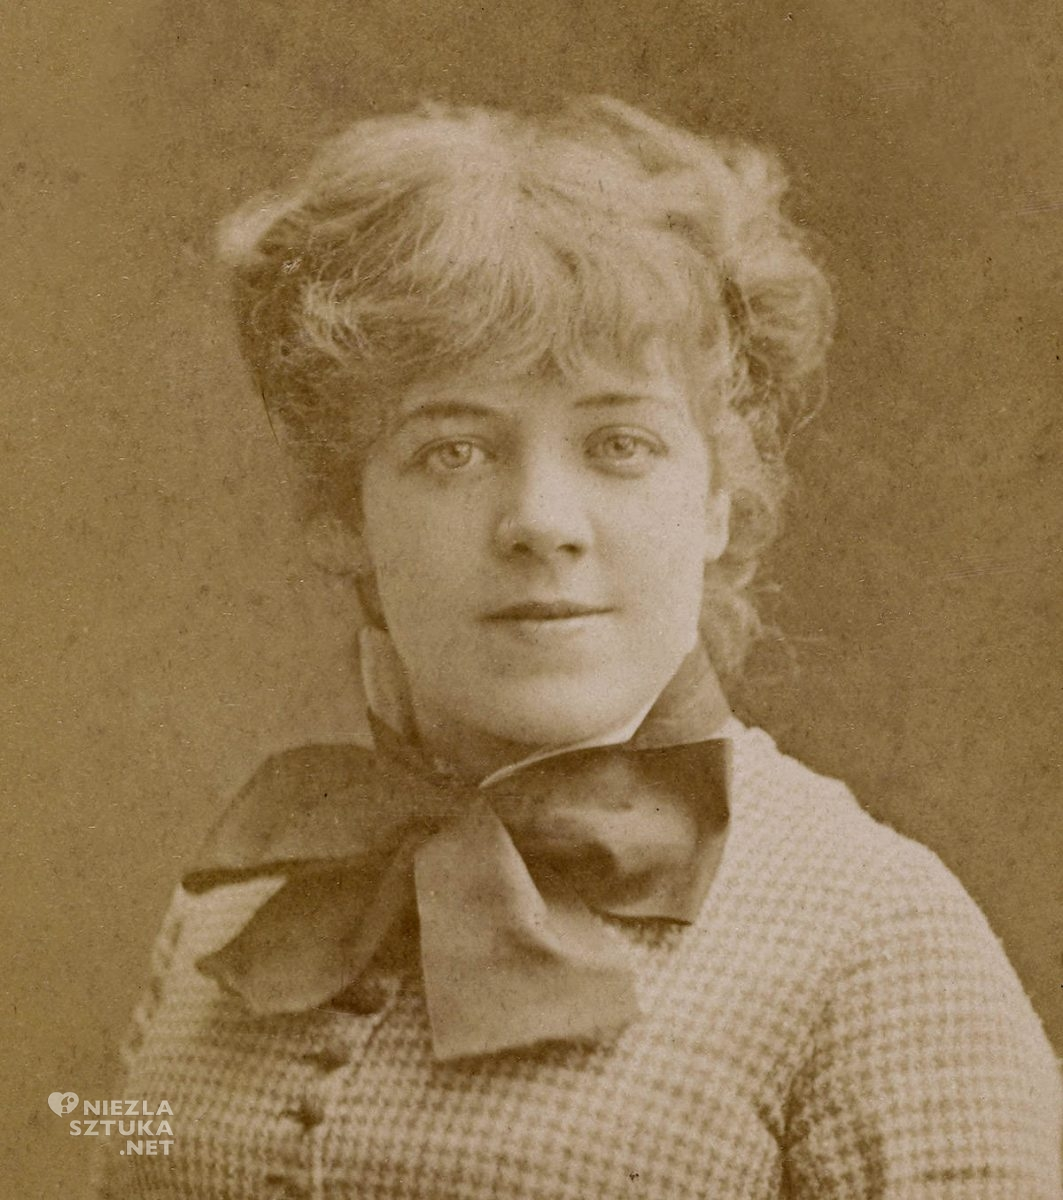 Nadar, fotografia, Jeanne Samary, aktorka, muza, modelka, Pierre-Auguste Renoir, impresjonizm, kobiety w sztuce, Niezła Sztuka